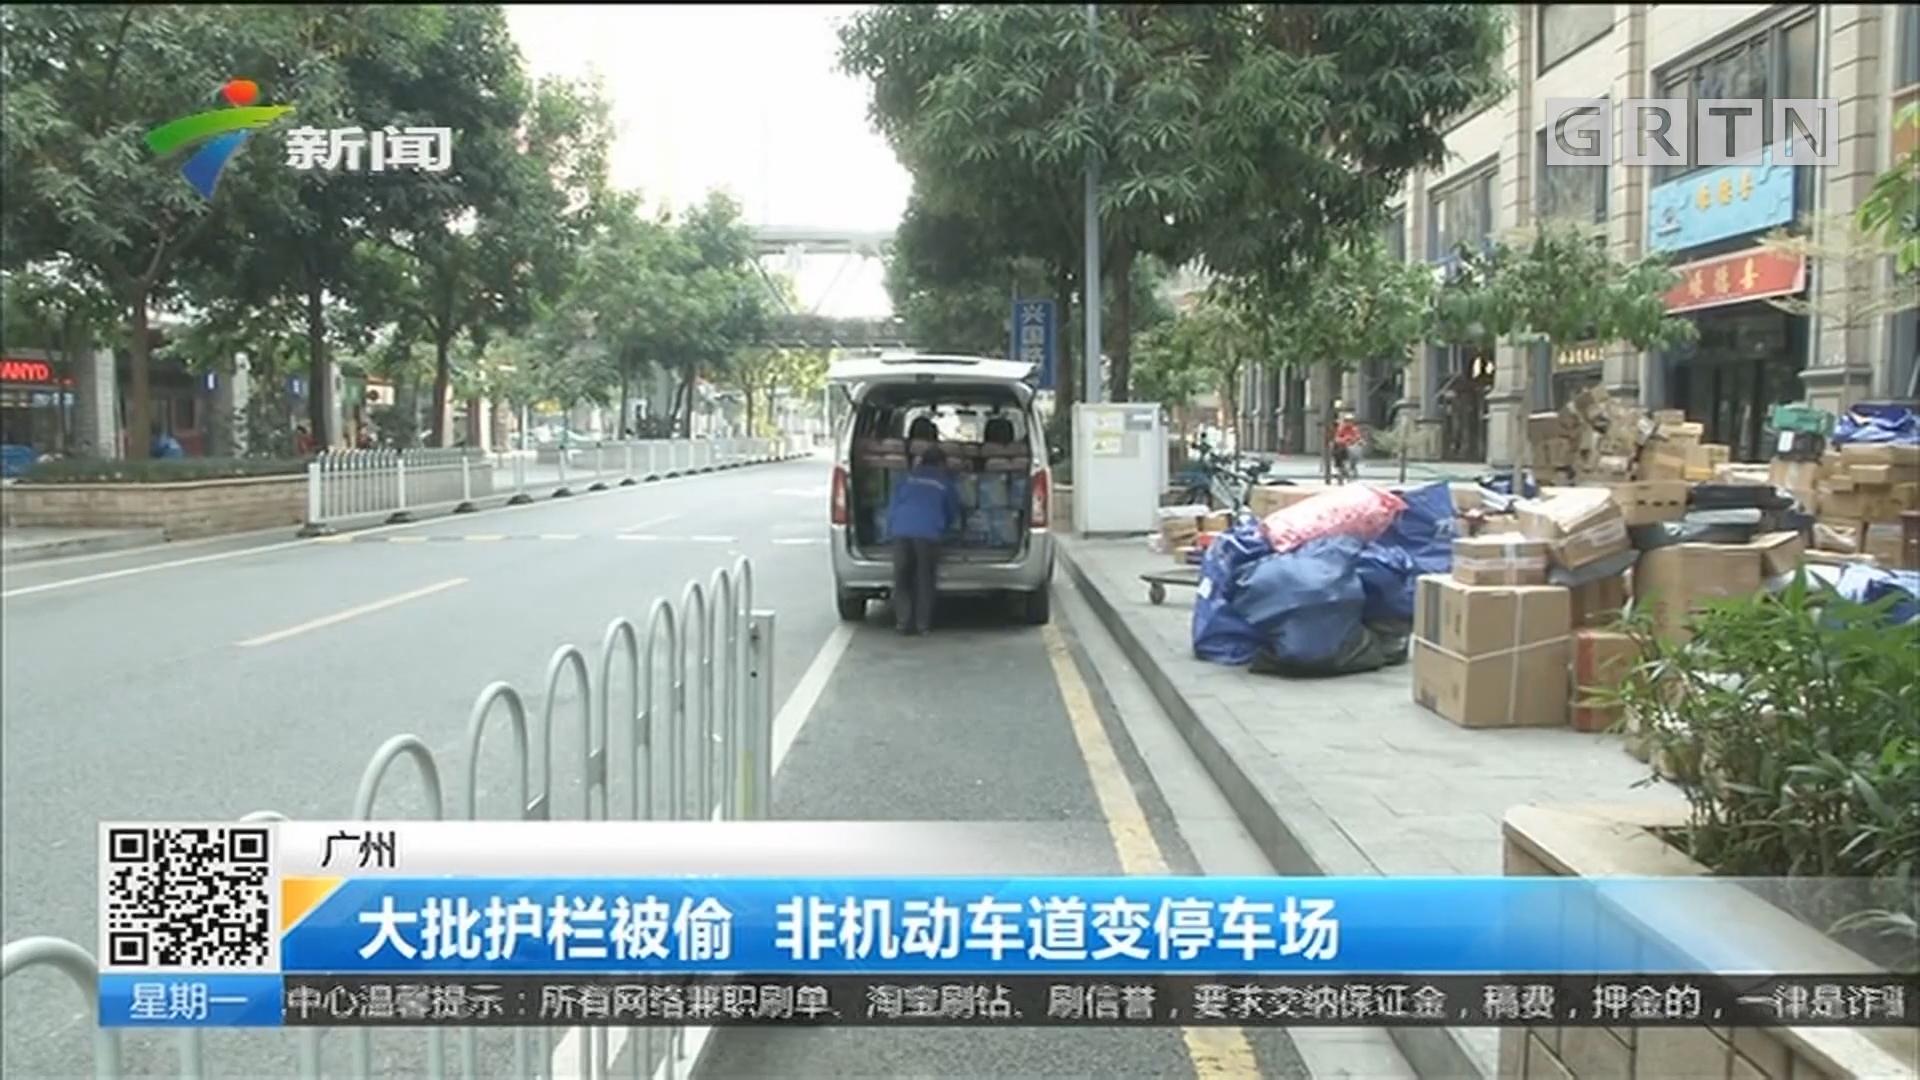 广州:大批护栏被偷 非机动车道变停车场